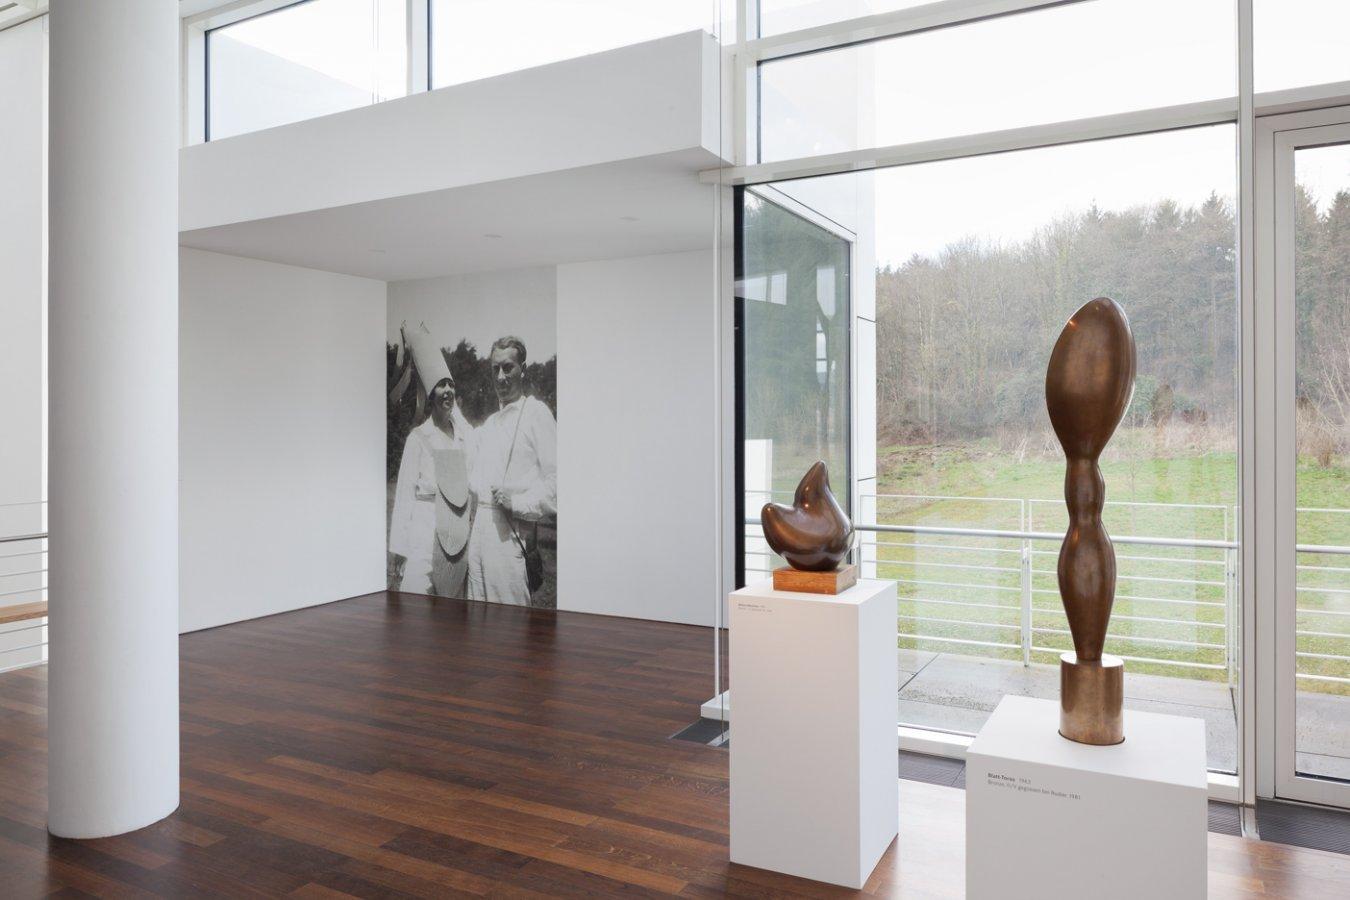 Exhibition View »Zweiklang«, 2015 © Arp Museum Bahnhof Rolandseck, VG Bild-Kunst, Bonn 2016, photo: Mick Vincenz